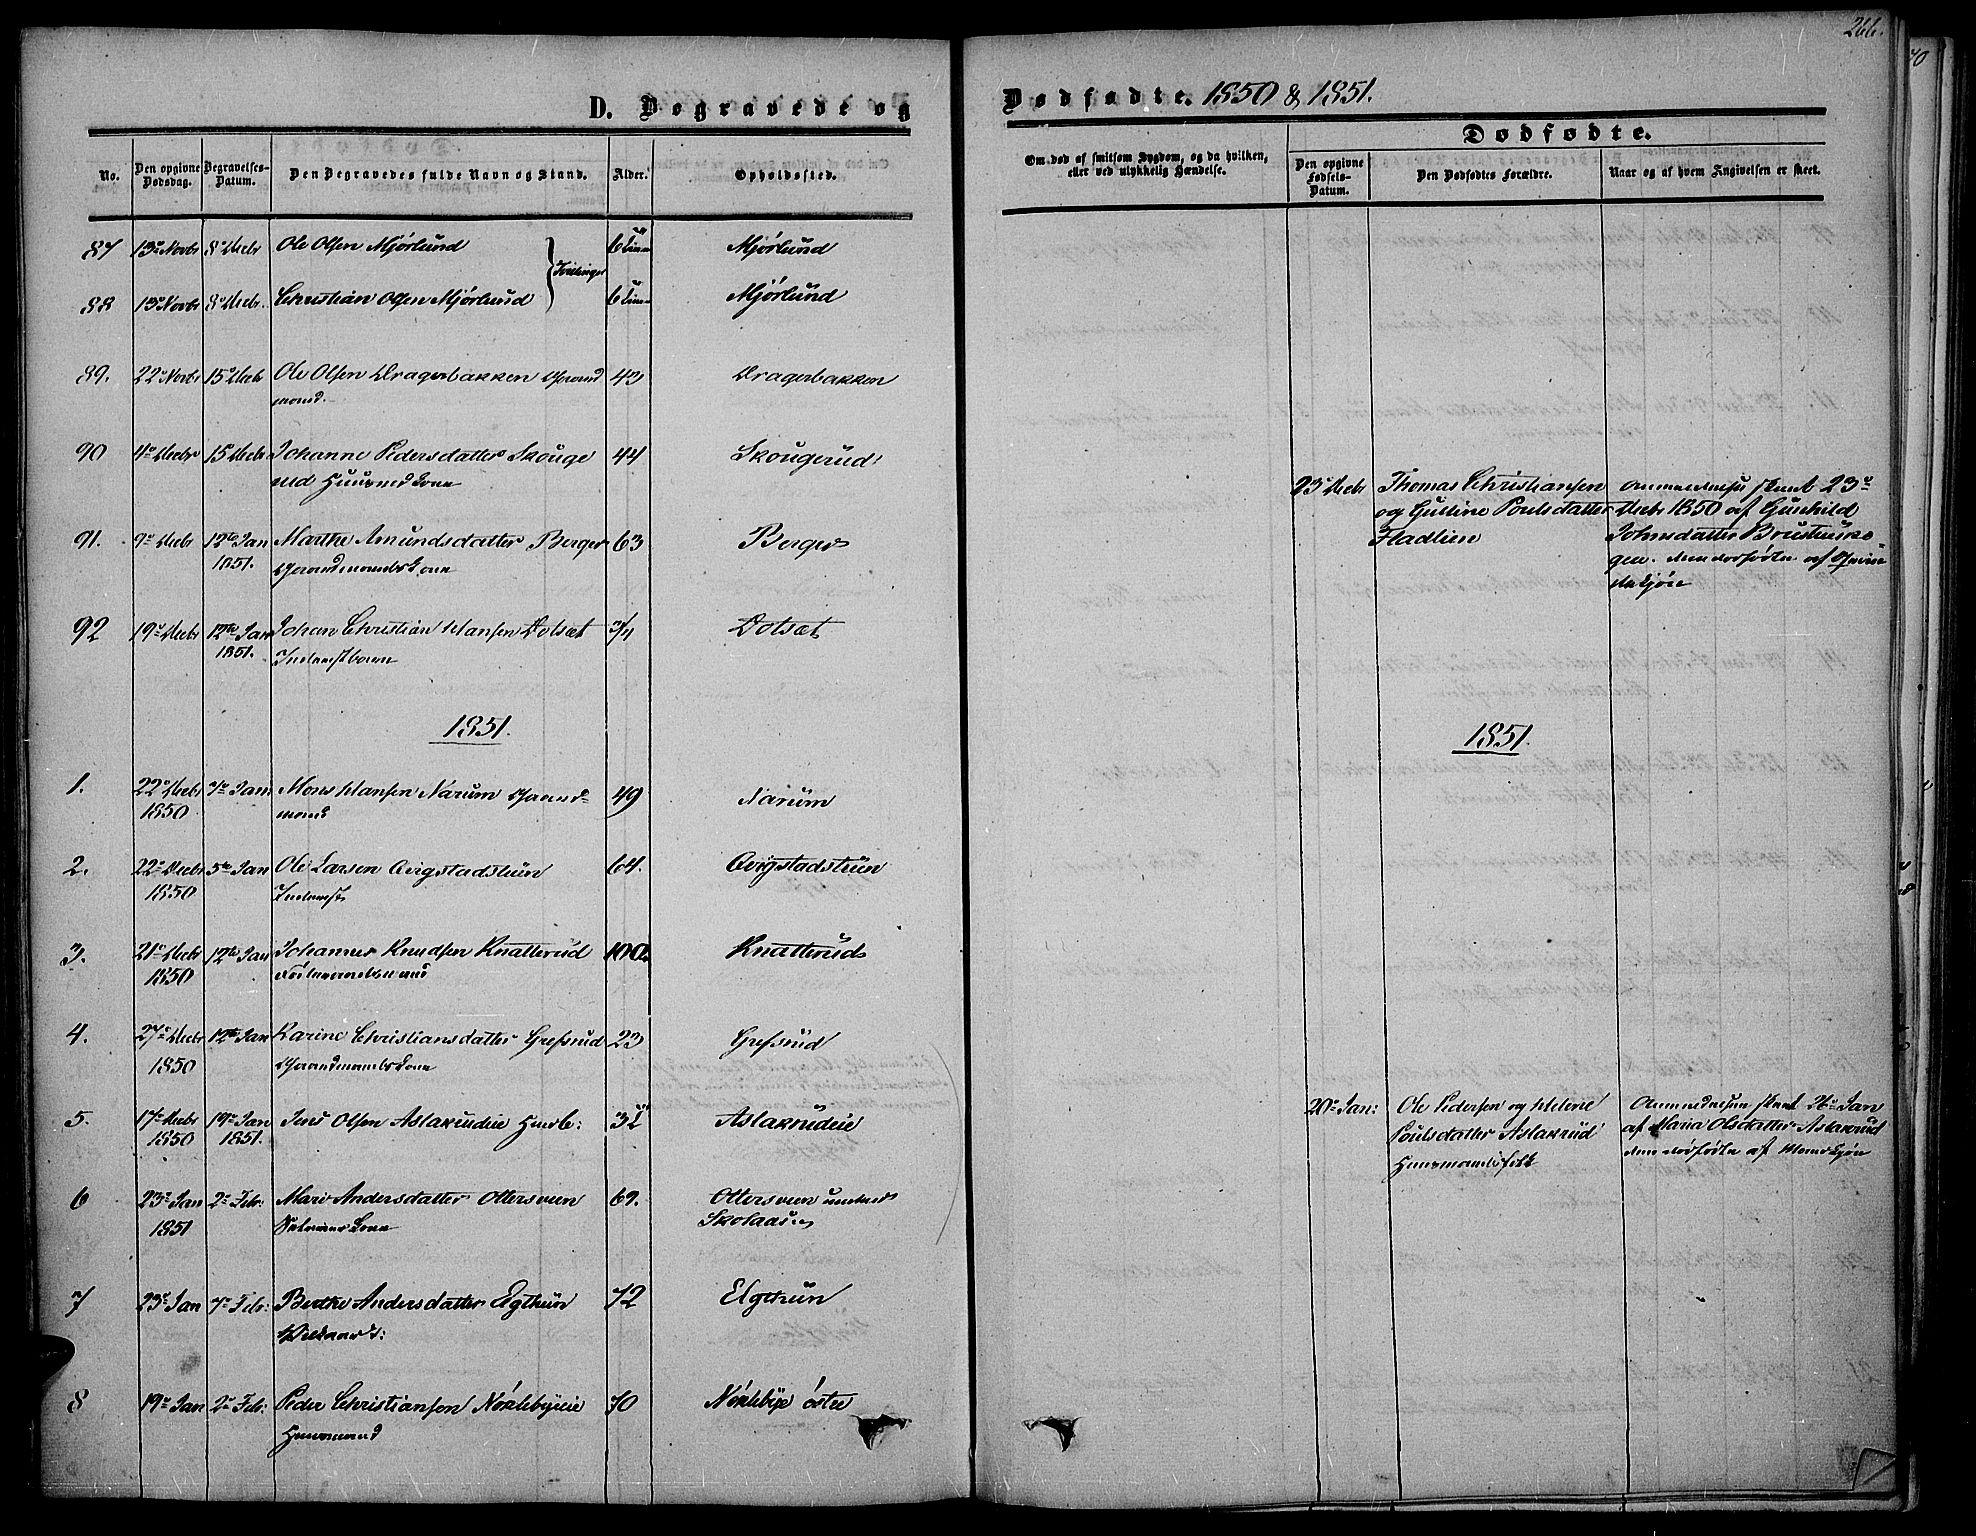 SAH, Vestre Toten prestekontor, Ministerialbok nr. 5, 1850-1855, s. 266